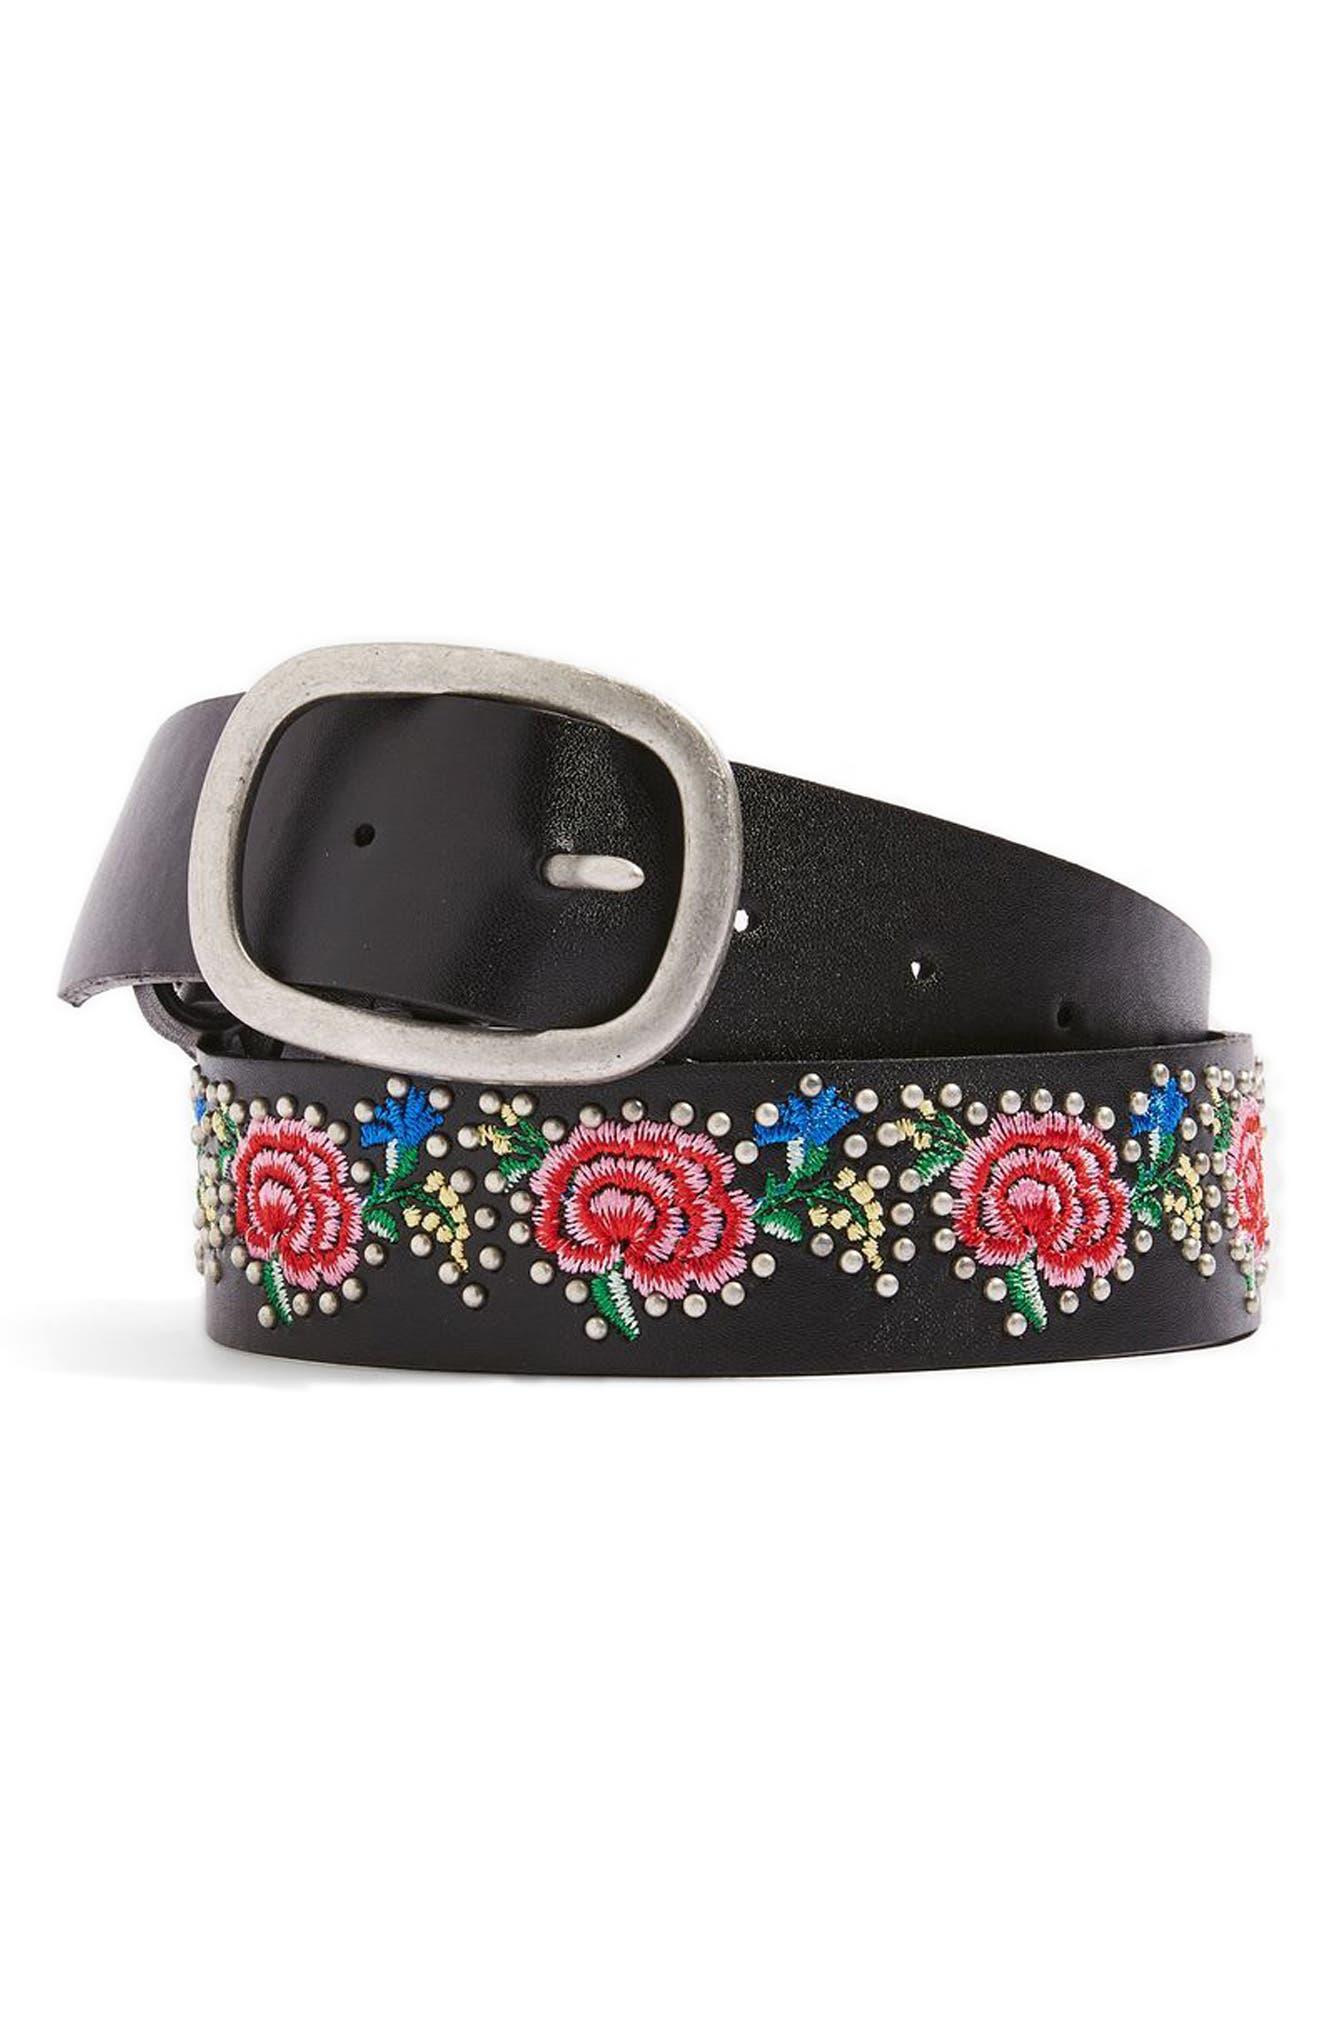 Topshop Floral Embroidered Belt